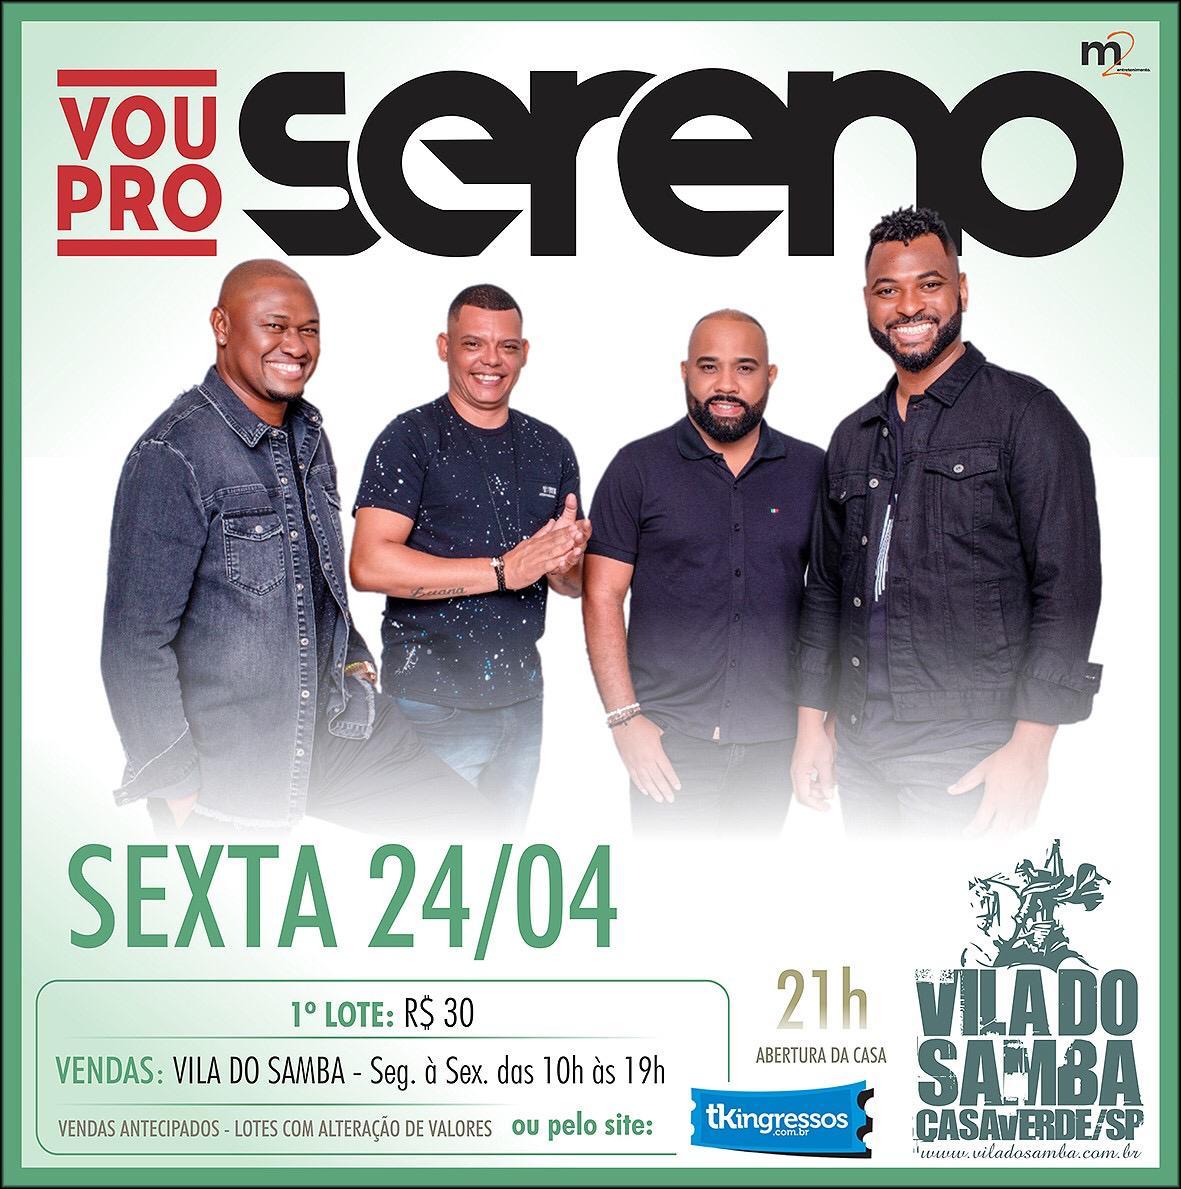 Vou Pro Sereno - Vila do Samba - 24/04/20 - São Paulo - SP